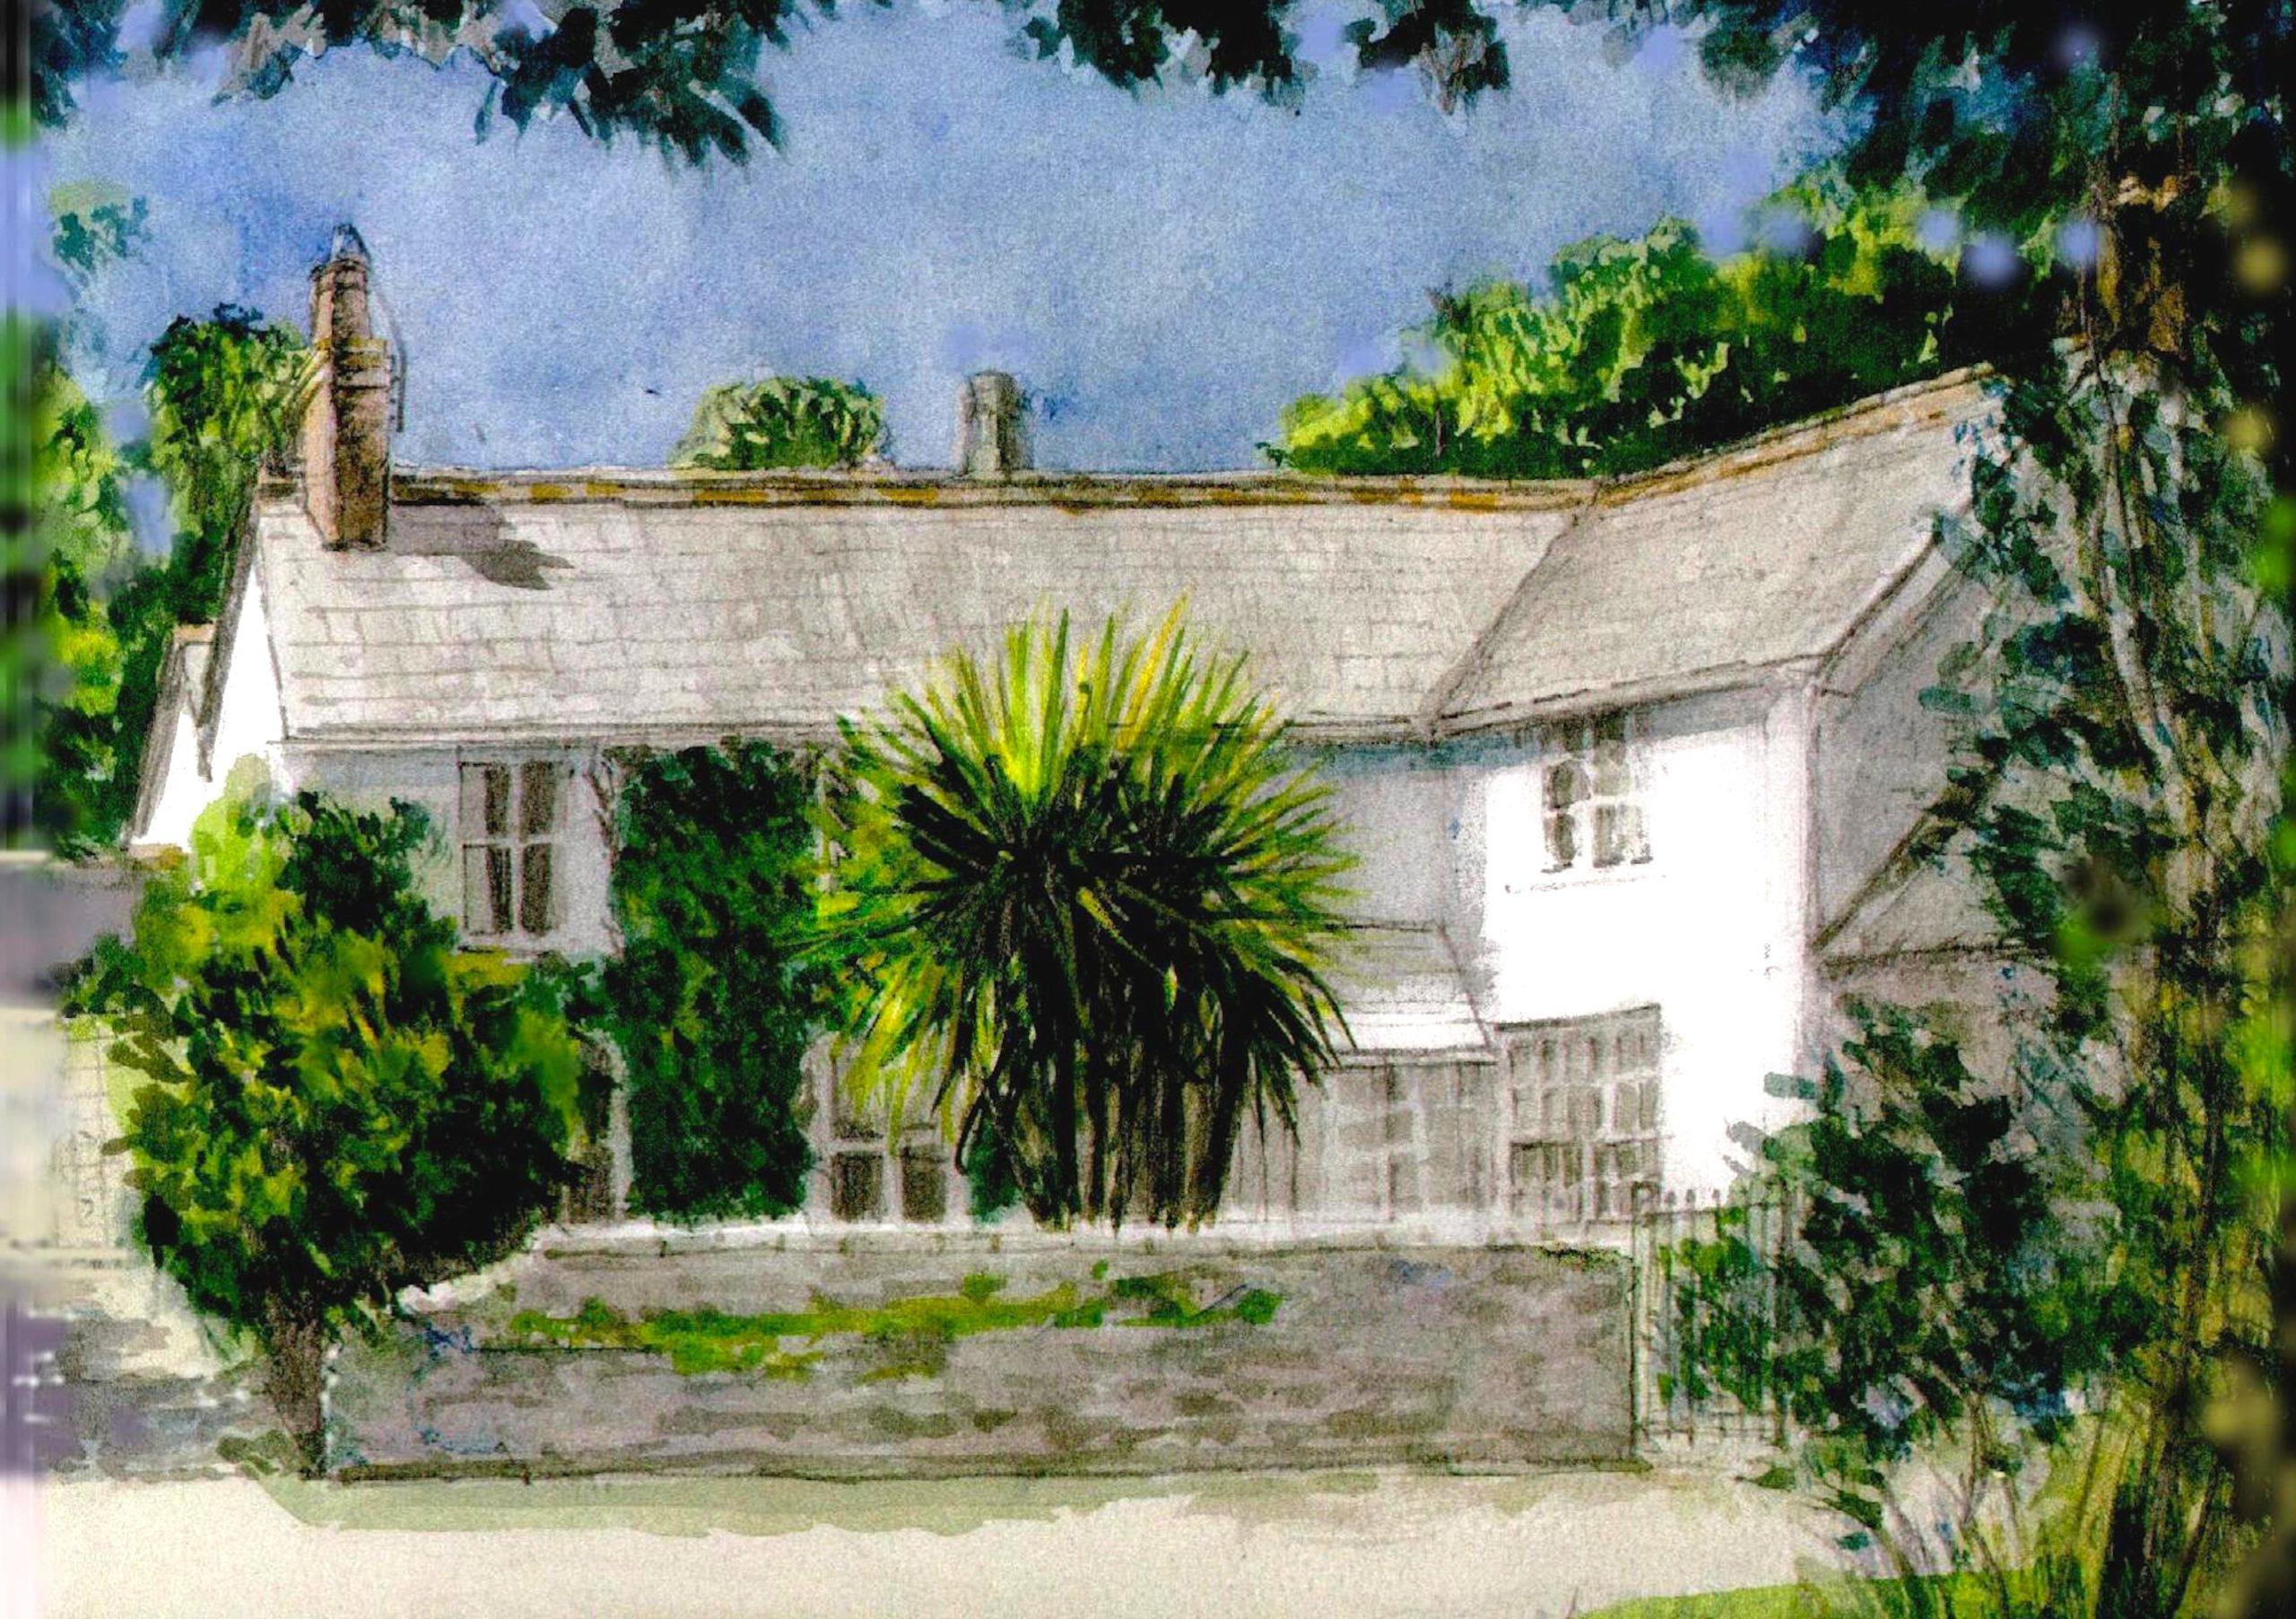 Tretheake Manor